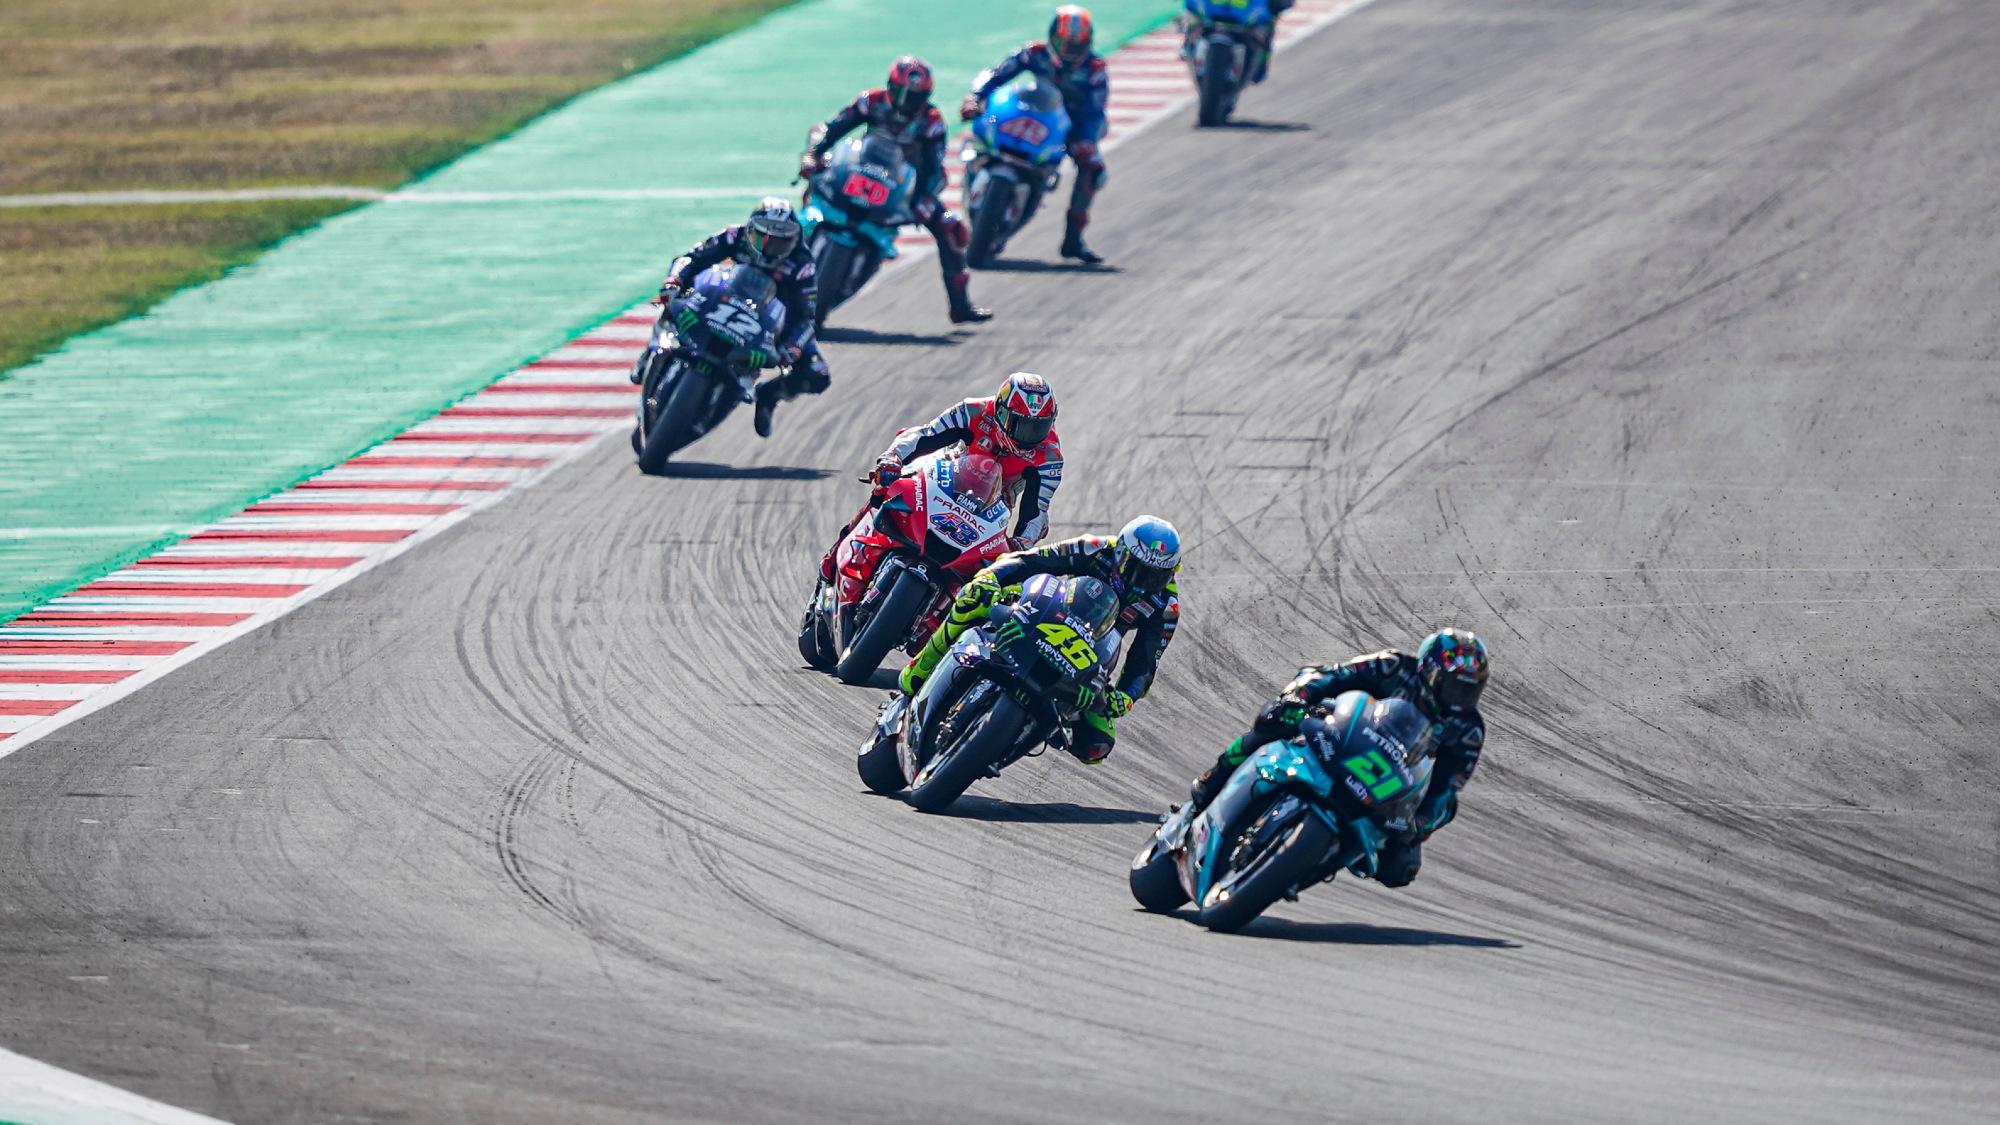 Yamaha, Suzuki, Ducati, Misano 2020 MotoGP